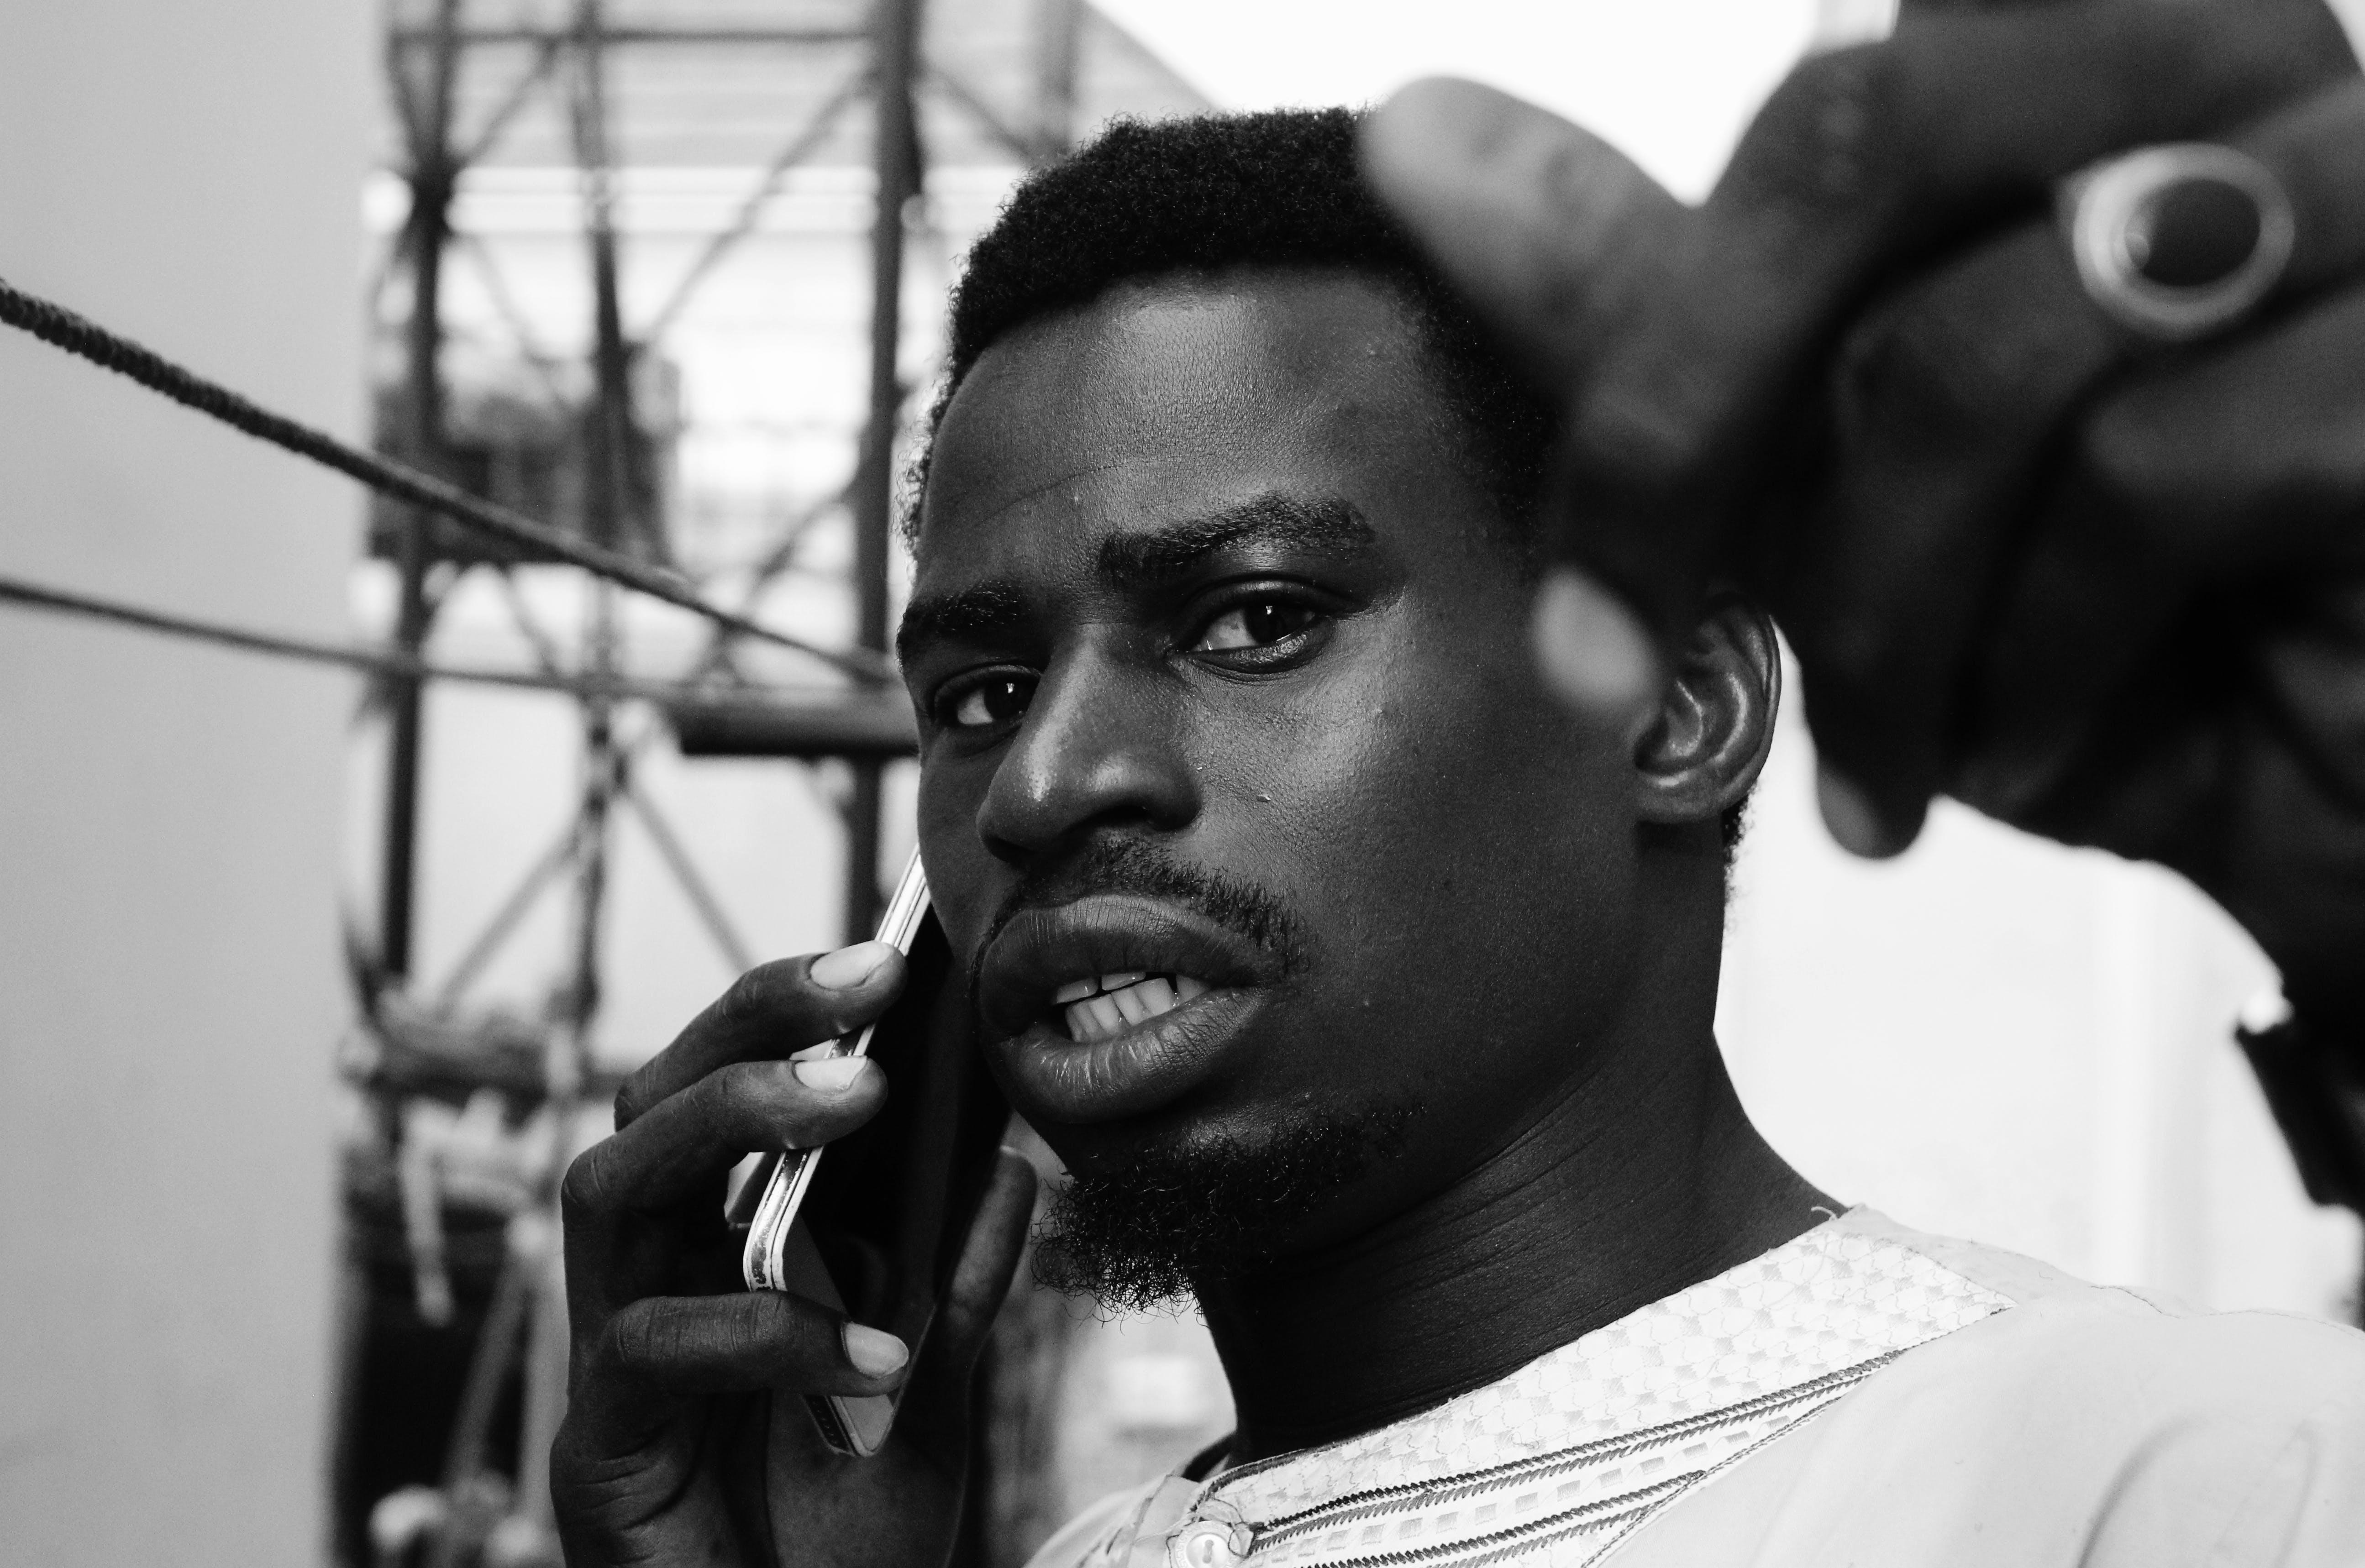 Kostenloses Stock Foto zu afrikanischer mann, ernst, fotoshooting, gesichtsausdruck